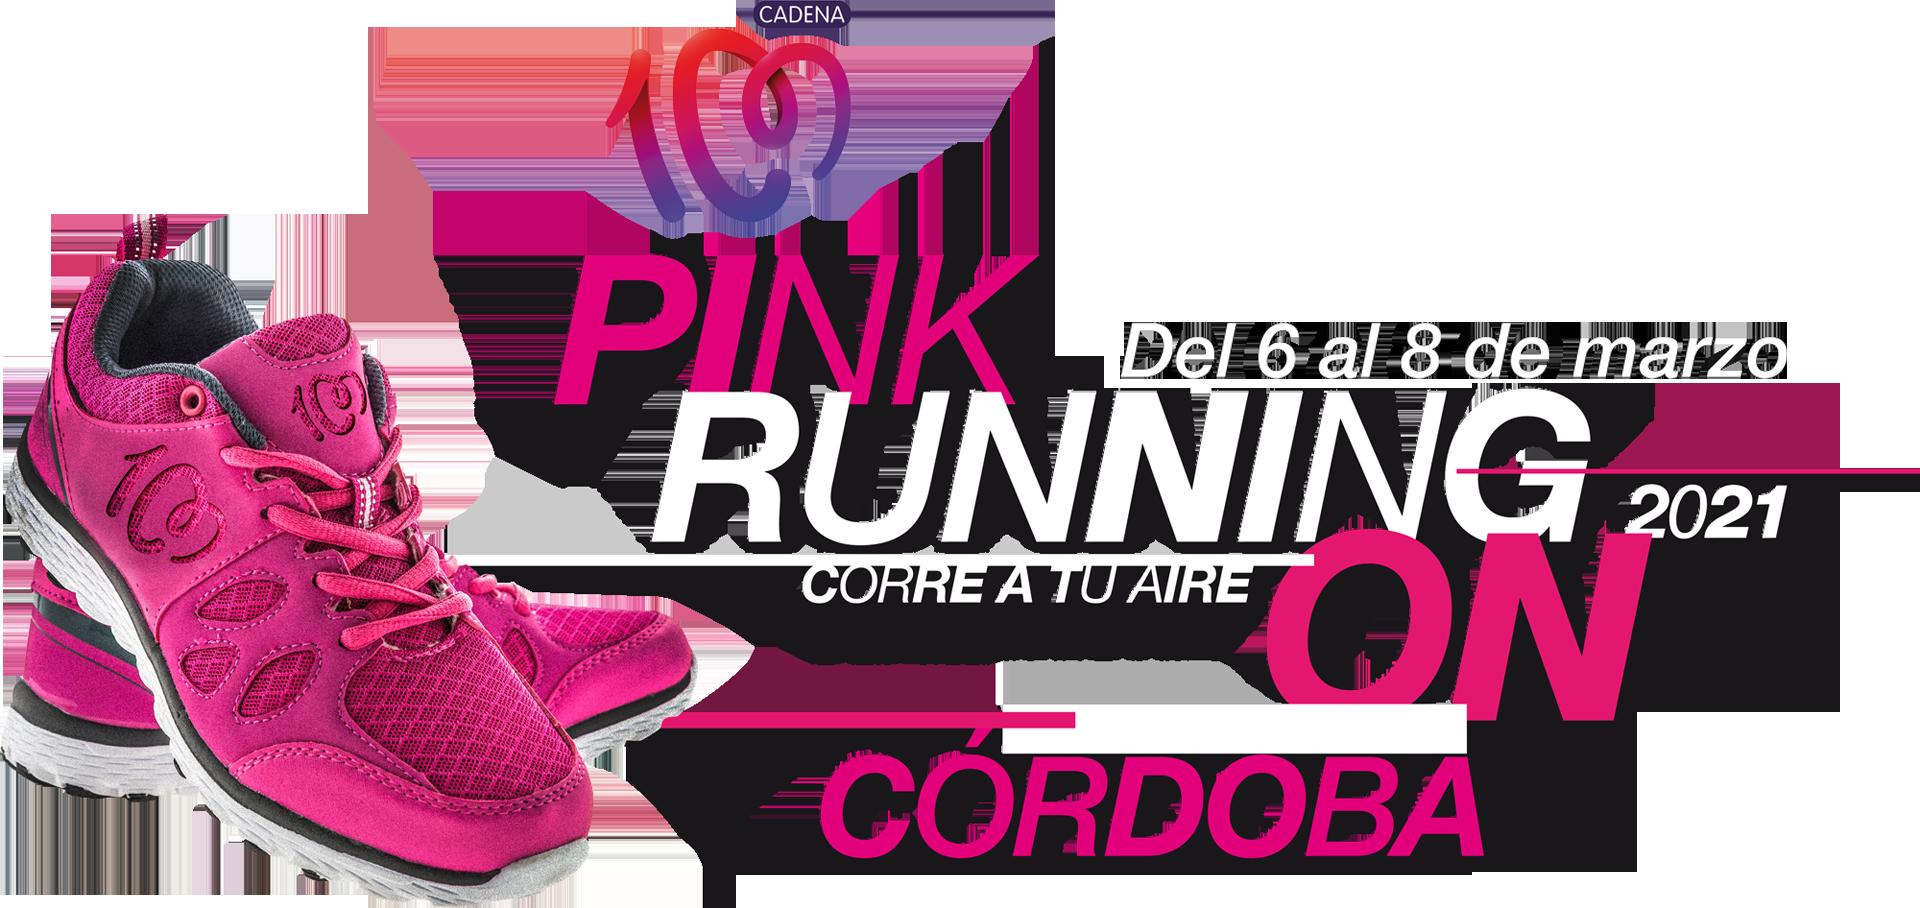 https://deporticket.blob.core.windows.net/awebs/pink-running-2021-cordoba/banner-pink-runningv2.png